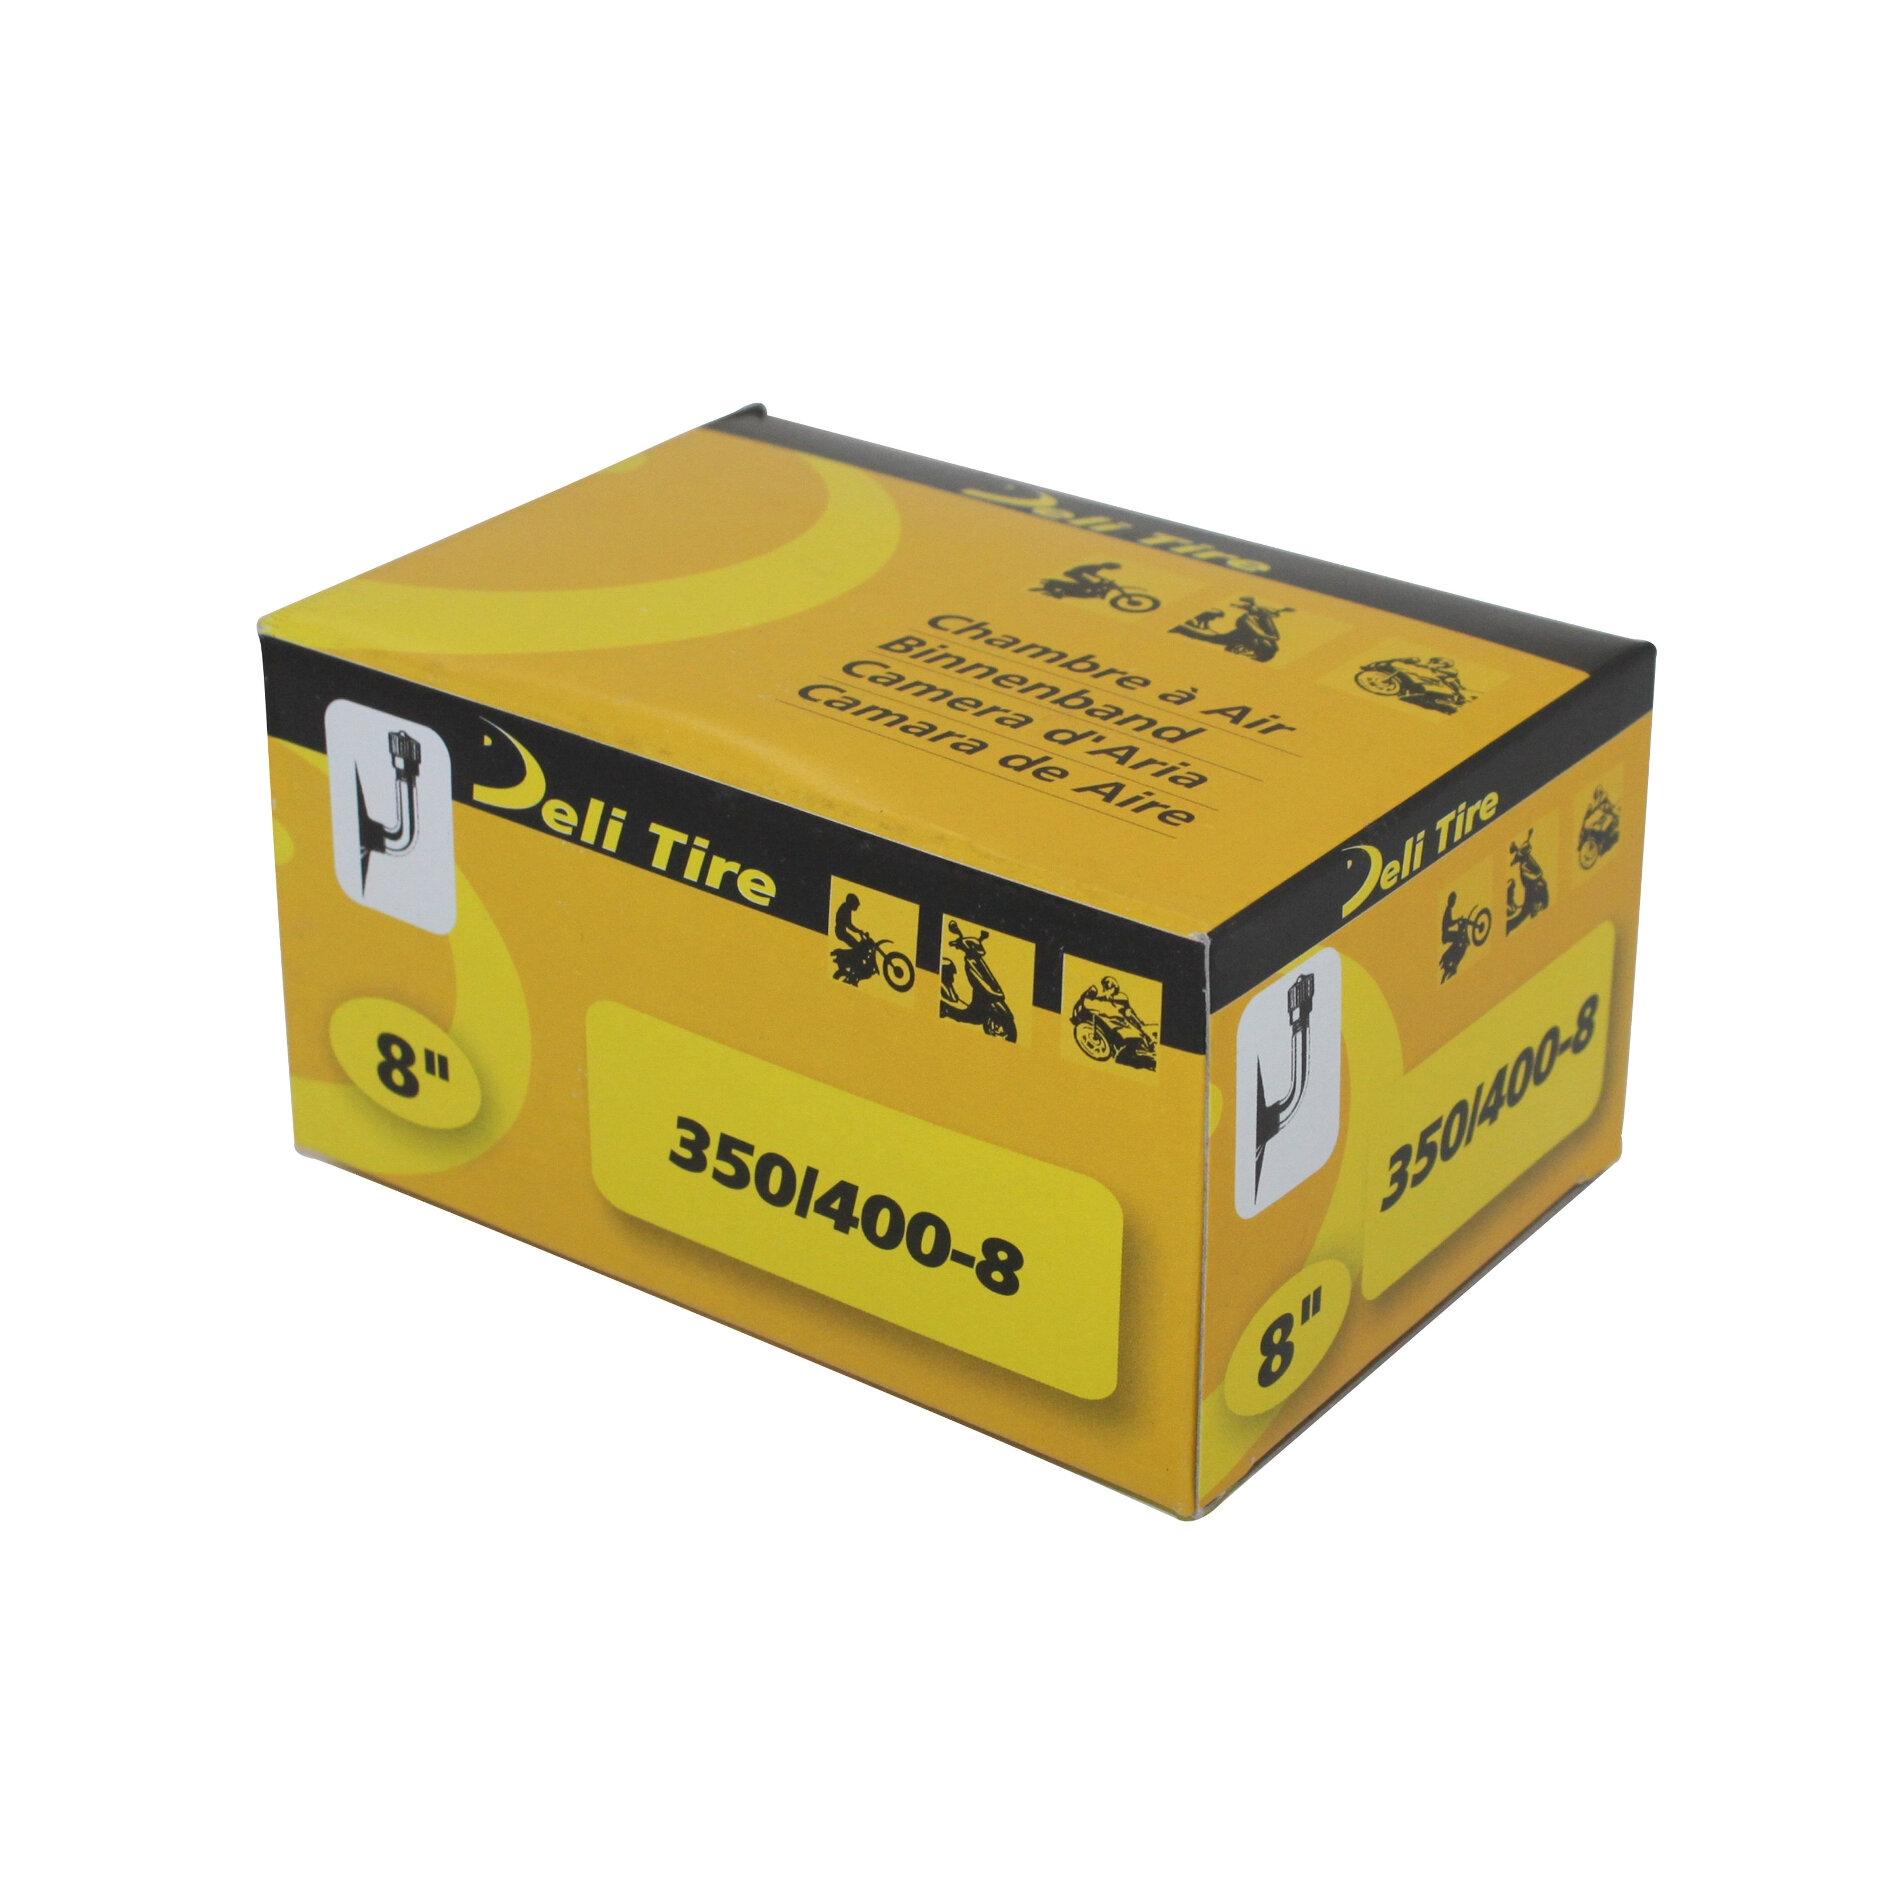 Chambre à air D.8 3.50/4.00x8 Deli standard coudée